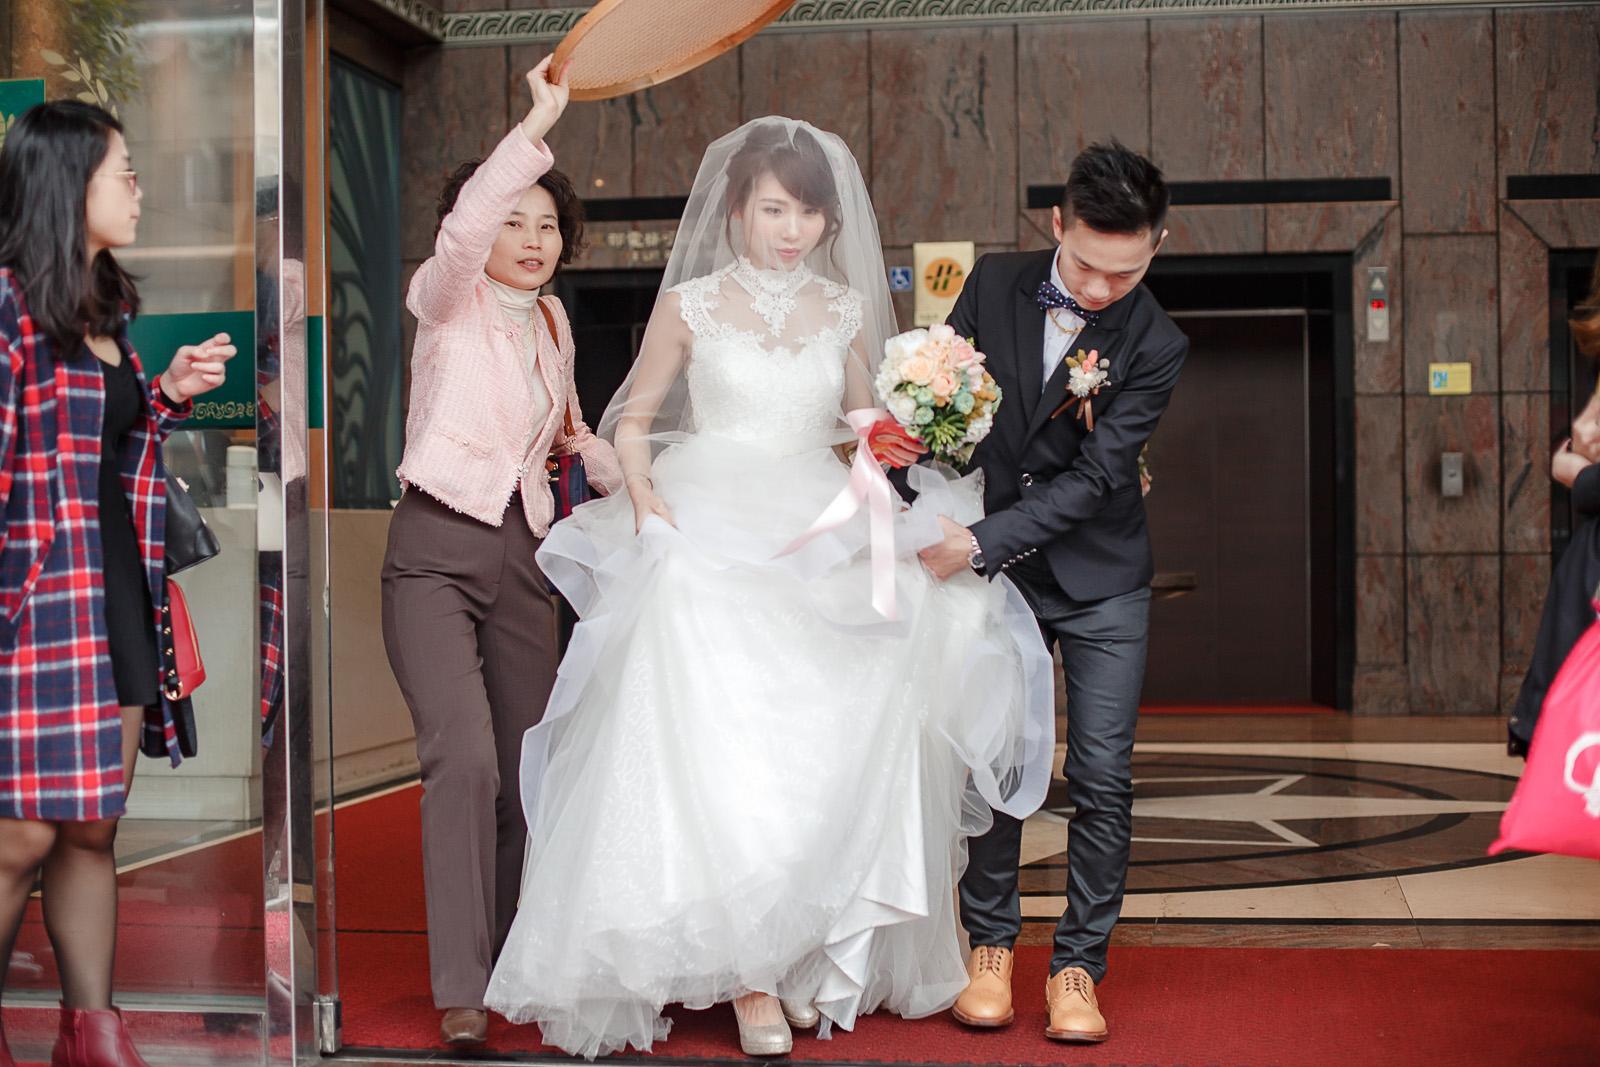 高雄圓山飯店,婚禮攝影,婚攝,高雄婚攝,優質婚攝推薦,Jen&Ethan-158